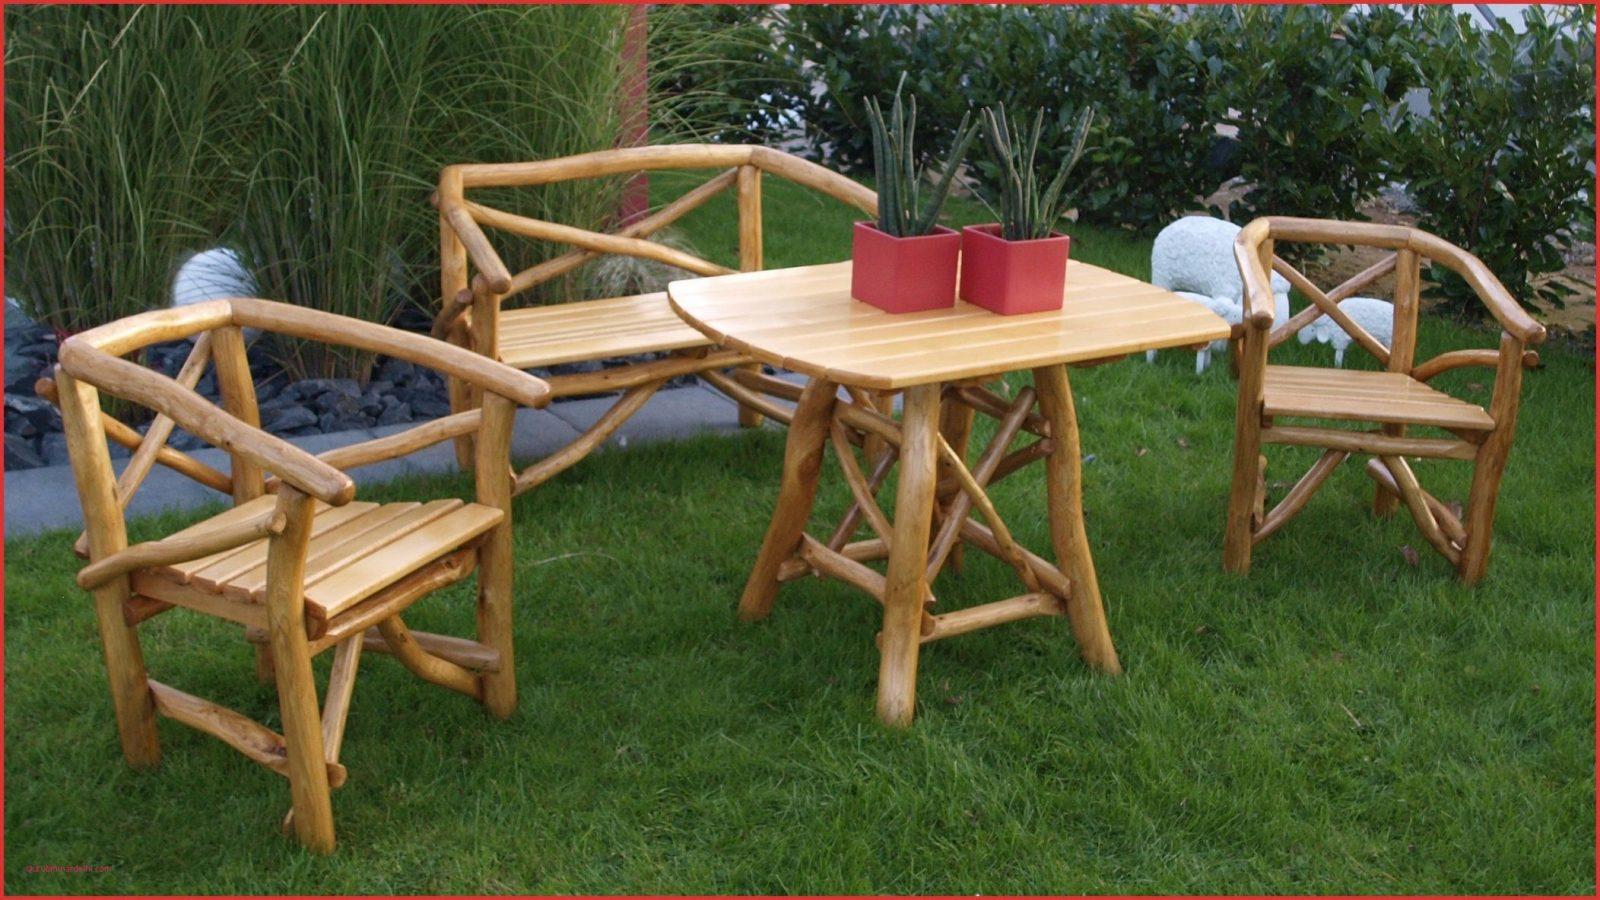 rustikale gartenmobel aus polen, rustikale gartenmöbel aus polen frisch nett gartenmöbel rustikal von, Design ideen